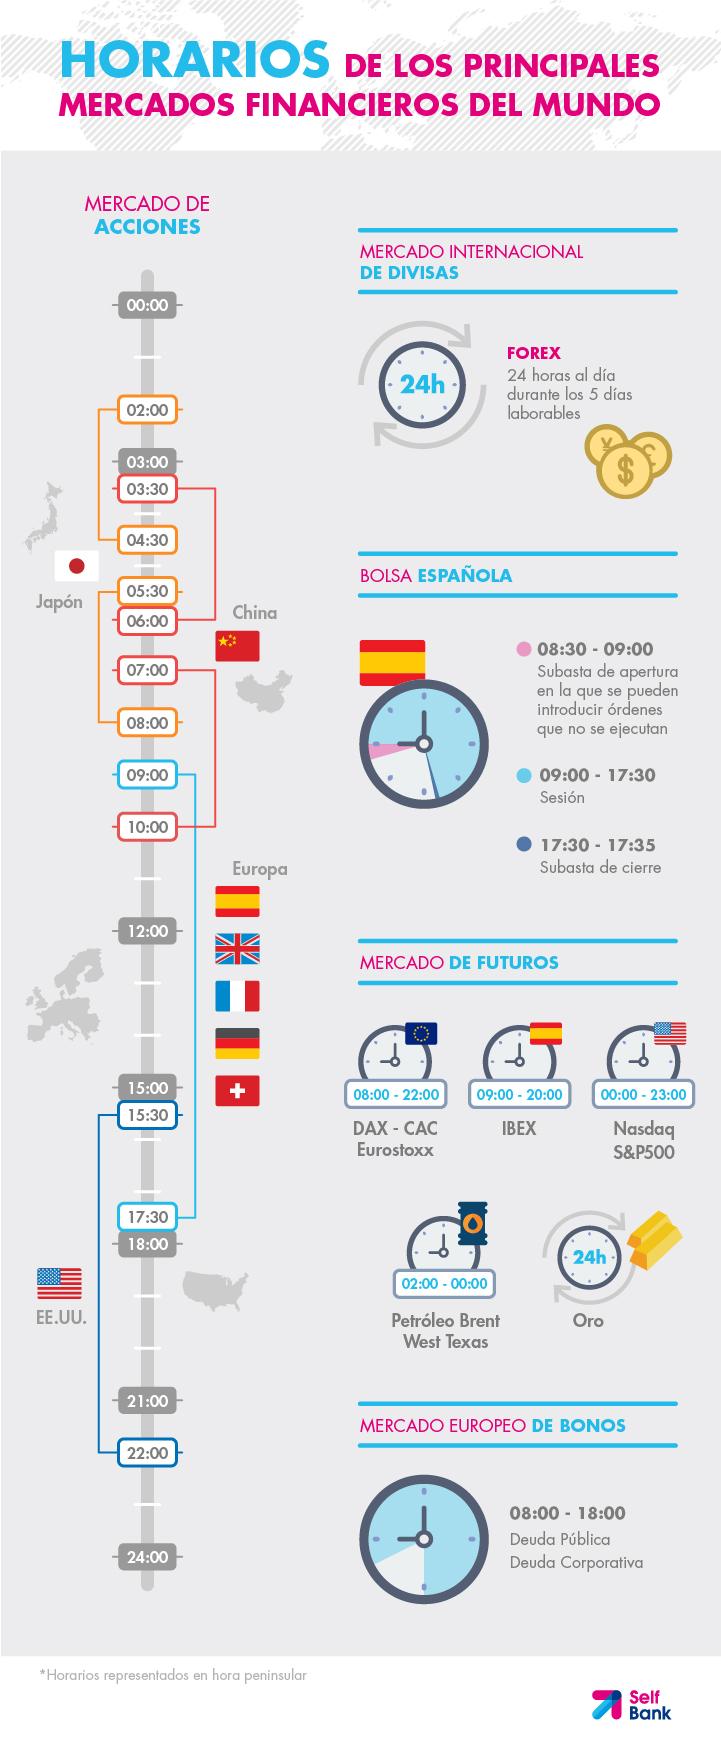 Horarios de los principales mercados financieros del Mundo